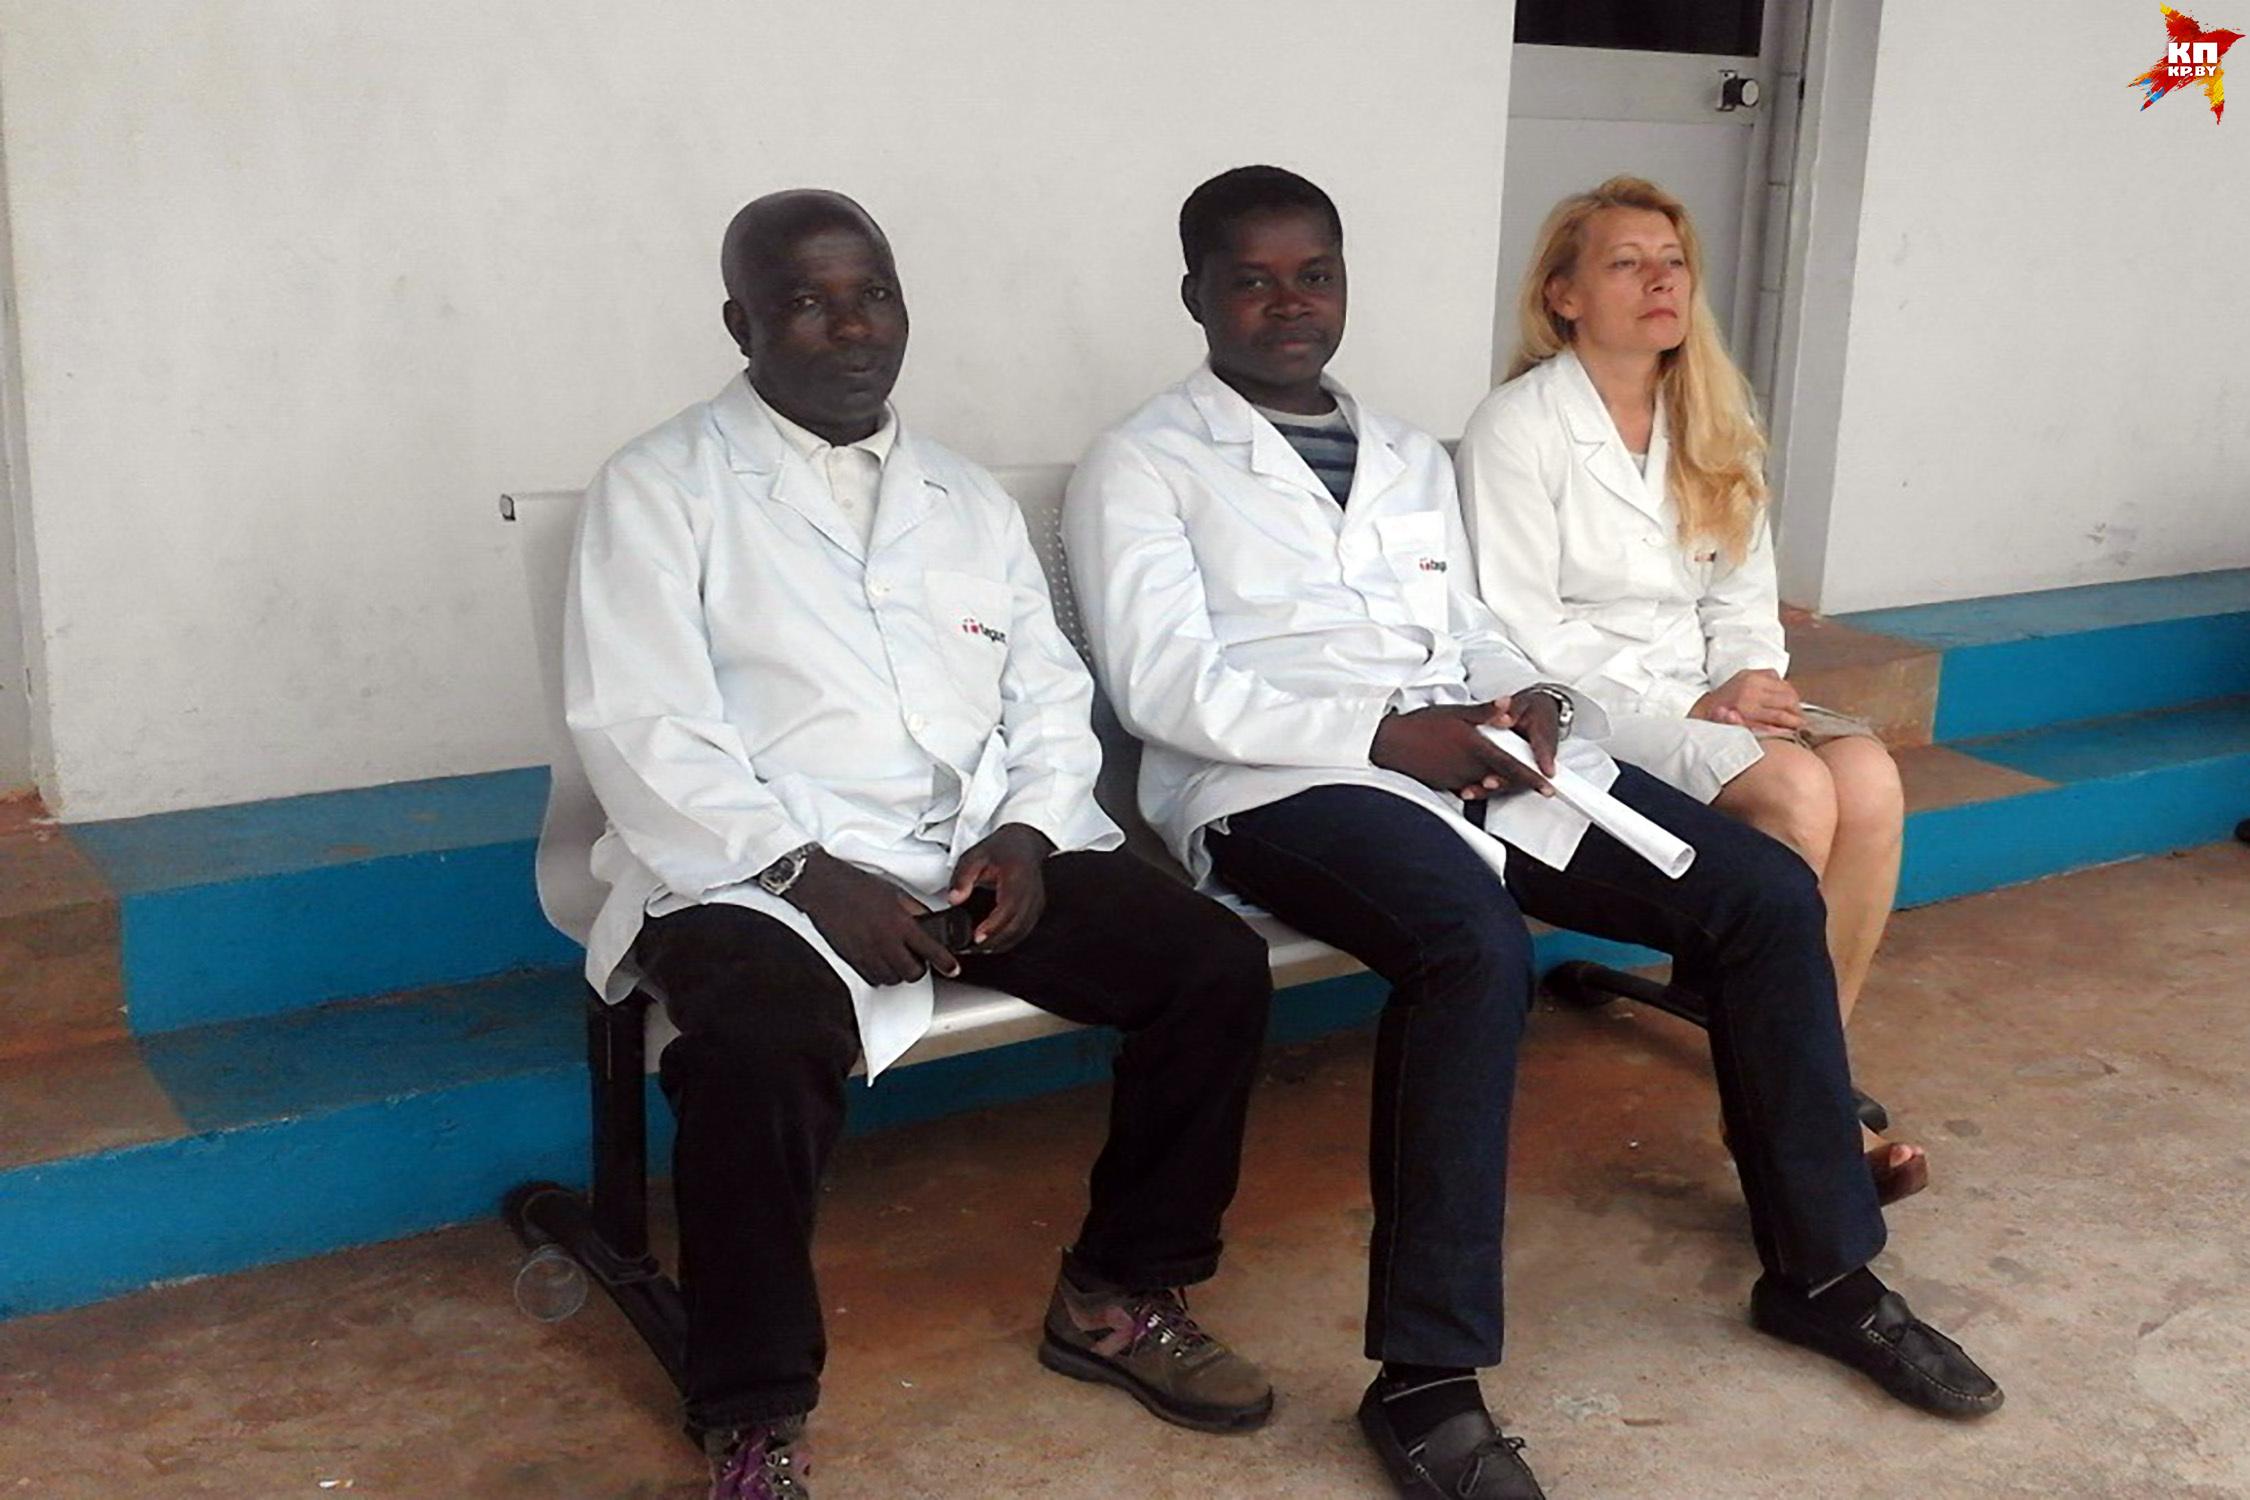 Ученые утверждают, что туберкулез пришел с людьми из Африки